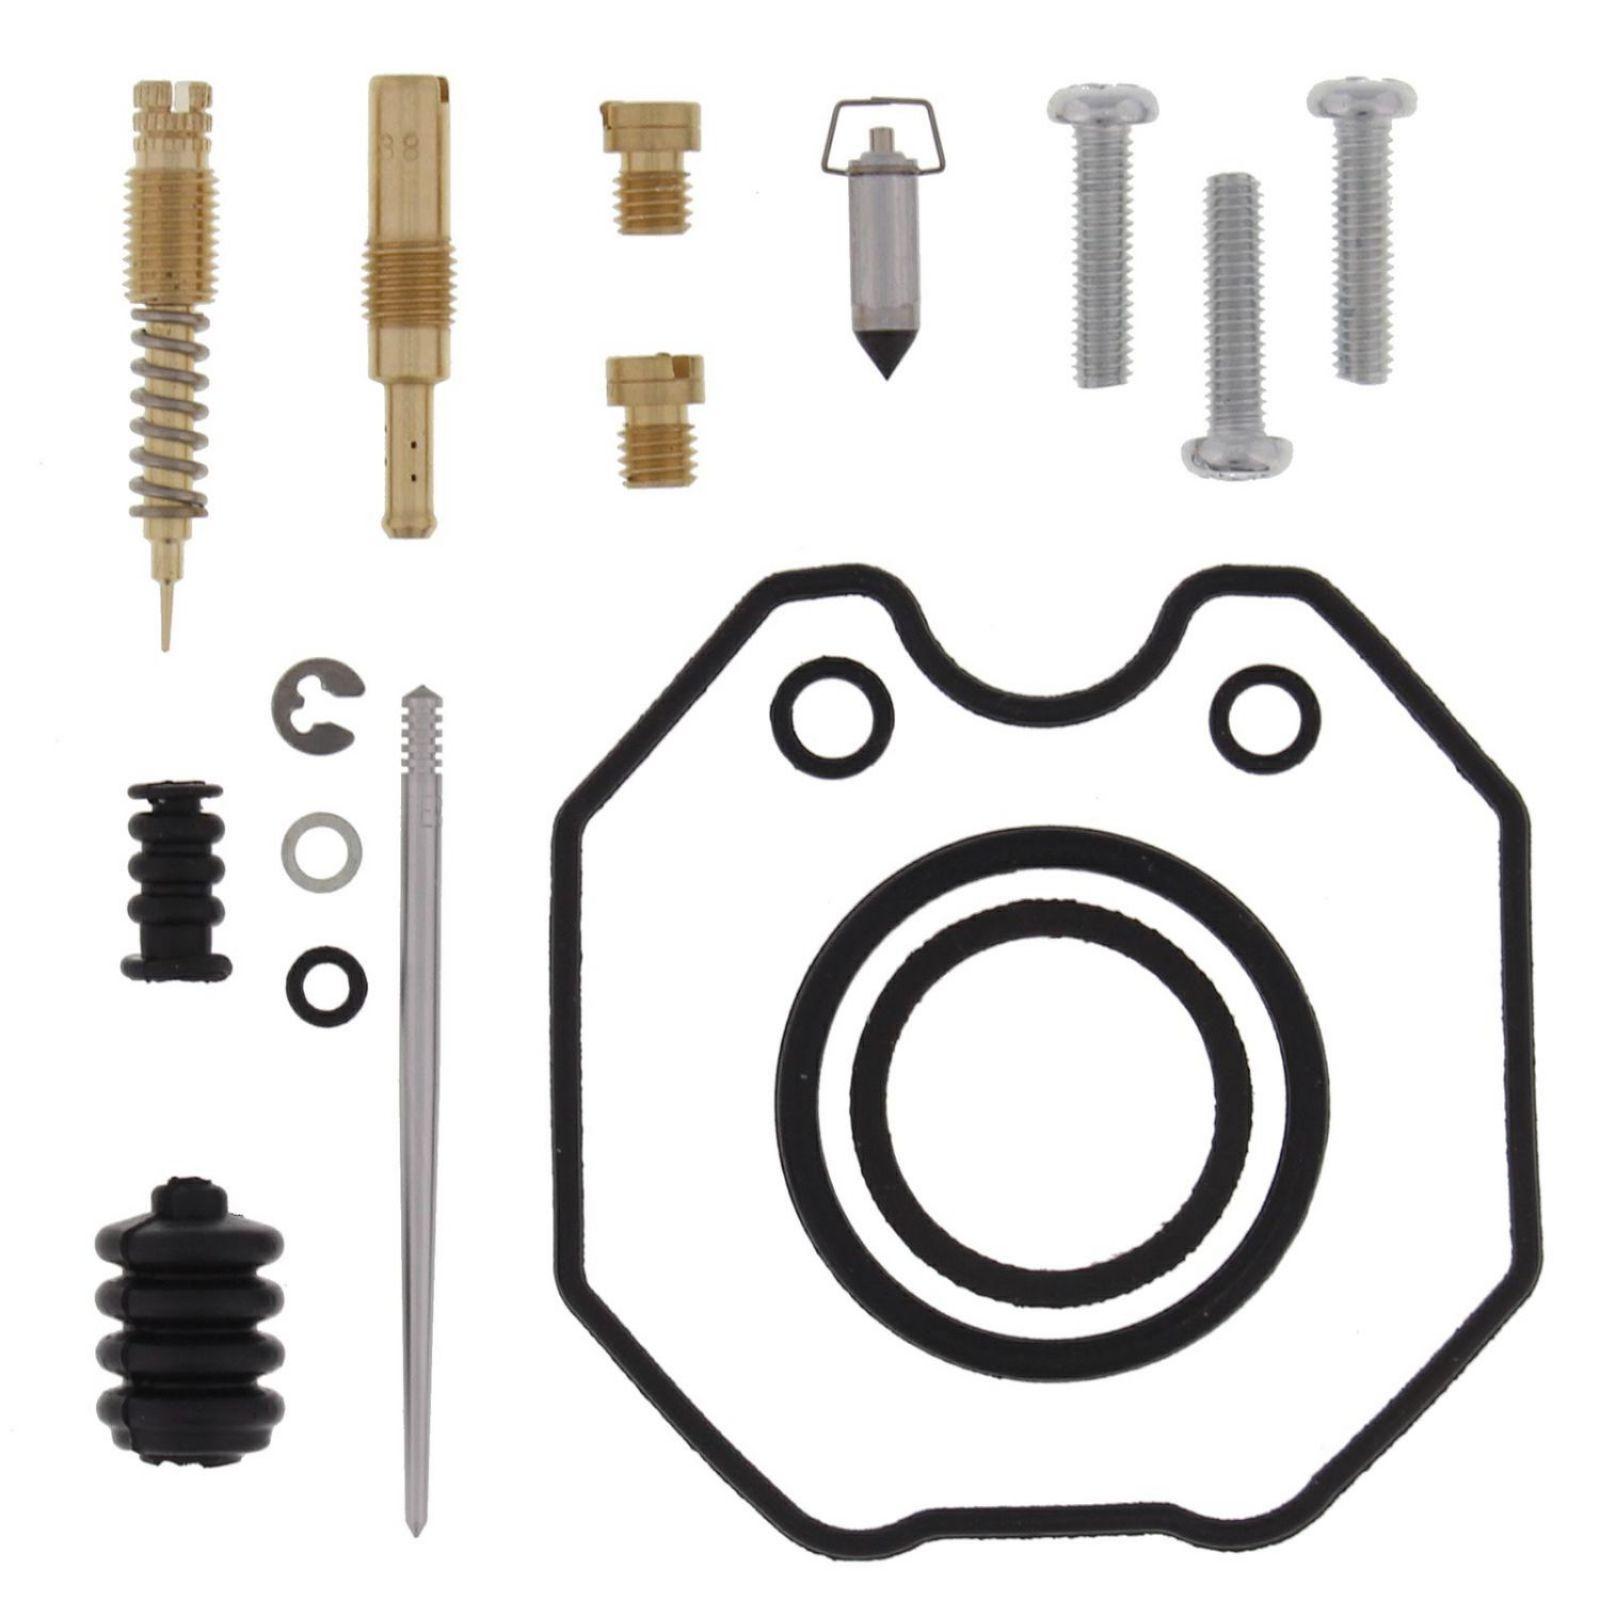 WRP Carb Repair Kits - WRP261002 image